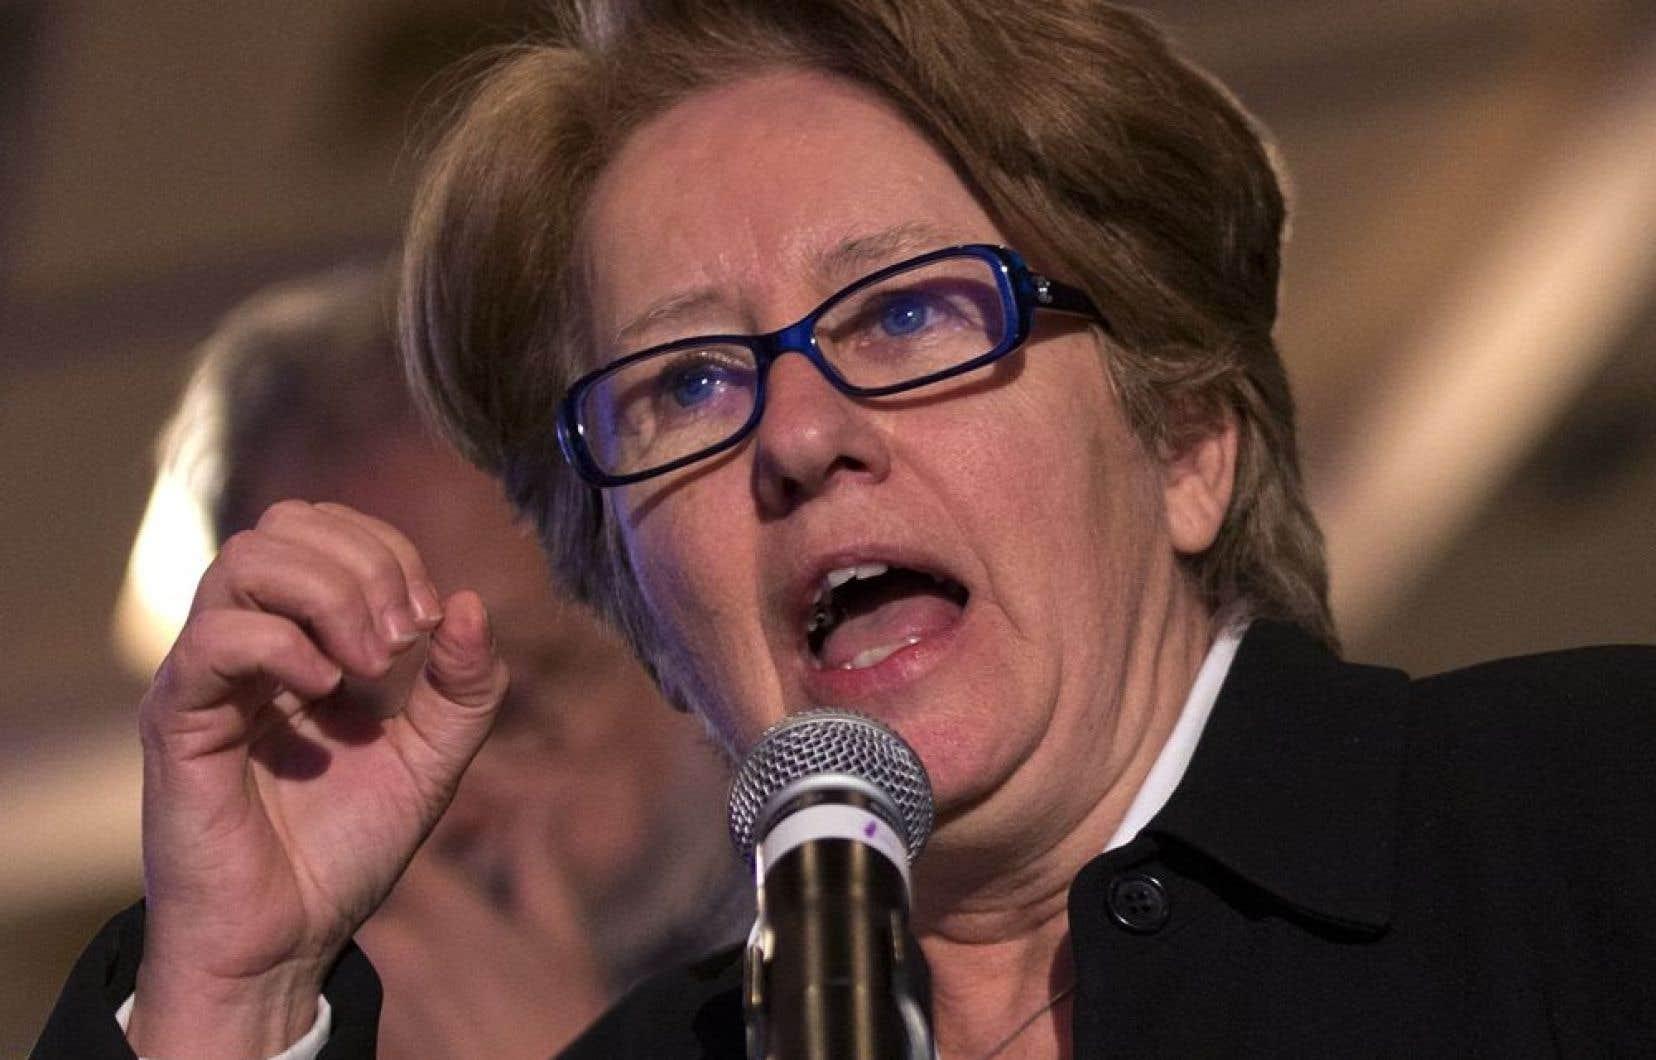 La rencontre de la ministre québécoise de l'Emploi, Agnès Maltais, avec son homologue fédérale, Diane Finley, n'a duré que 20 minutes mercredi, mais cela aura été suffisant pour que Mme Maltais déplore le «manque d'ouverture» de son interlocutrice.